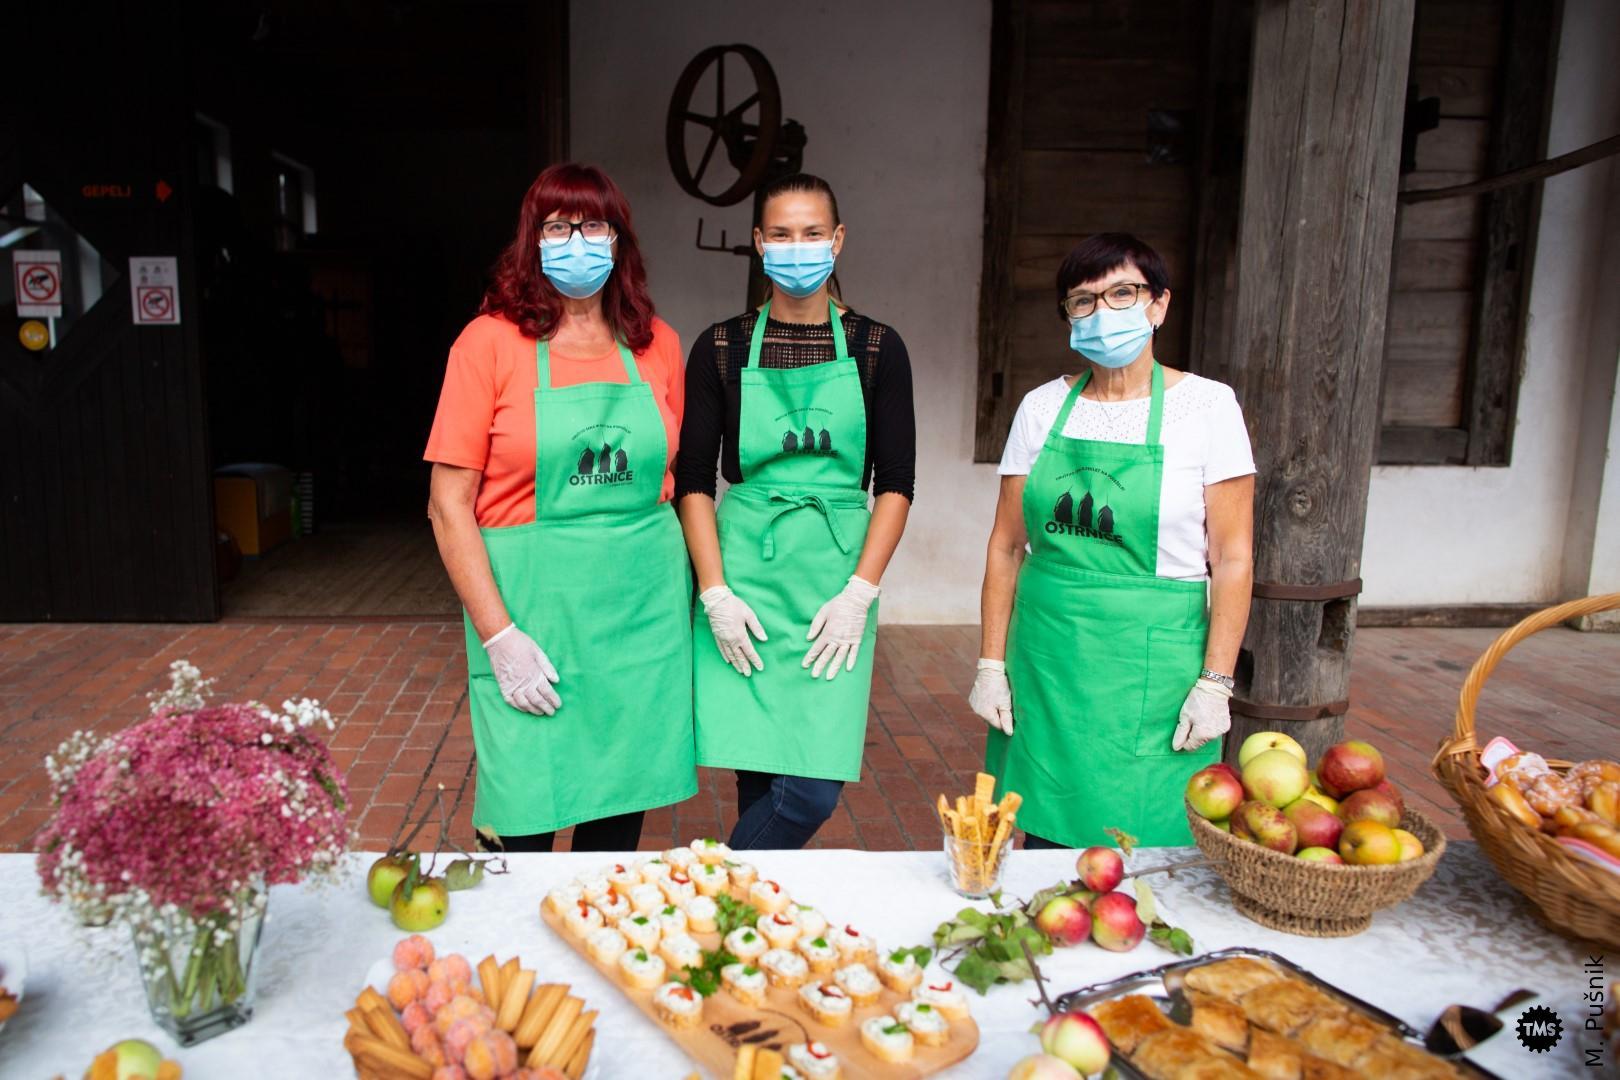 Pogostitev je pripravilo Društvo žena in deklet na podeželju Ostrnice .